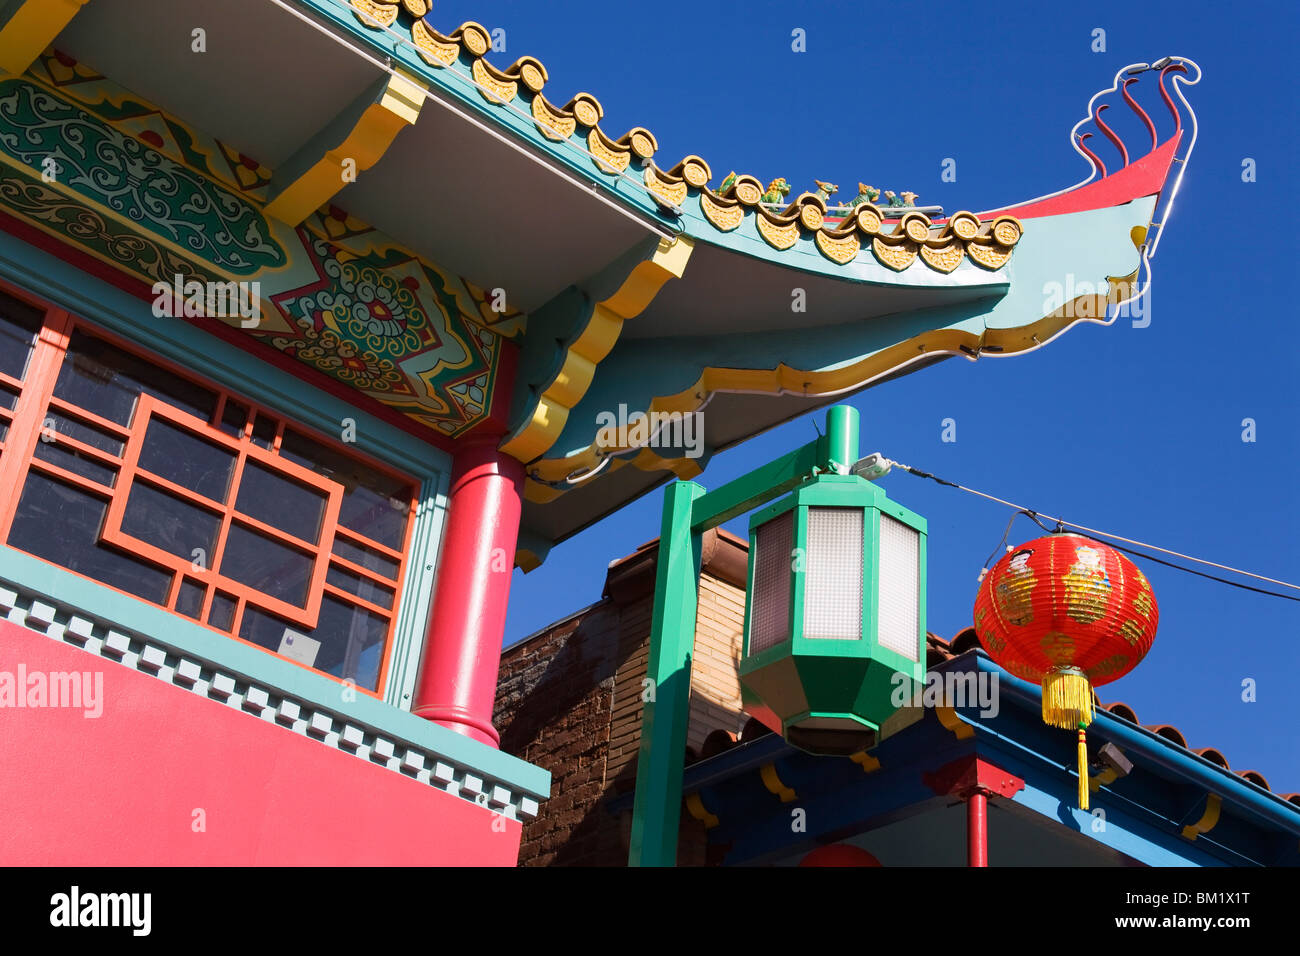 L'architecture chinoise, Chinatown, Los Angeles, Californie, États-Unis d'Amérique, Amérique Photo Stock